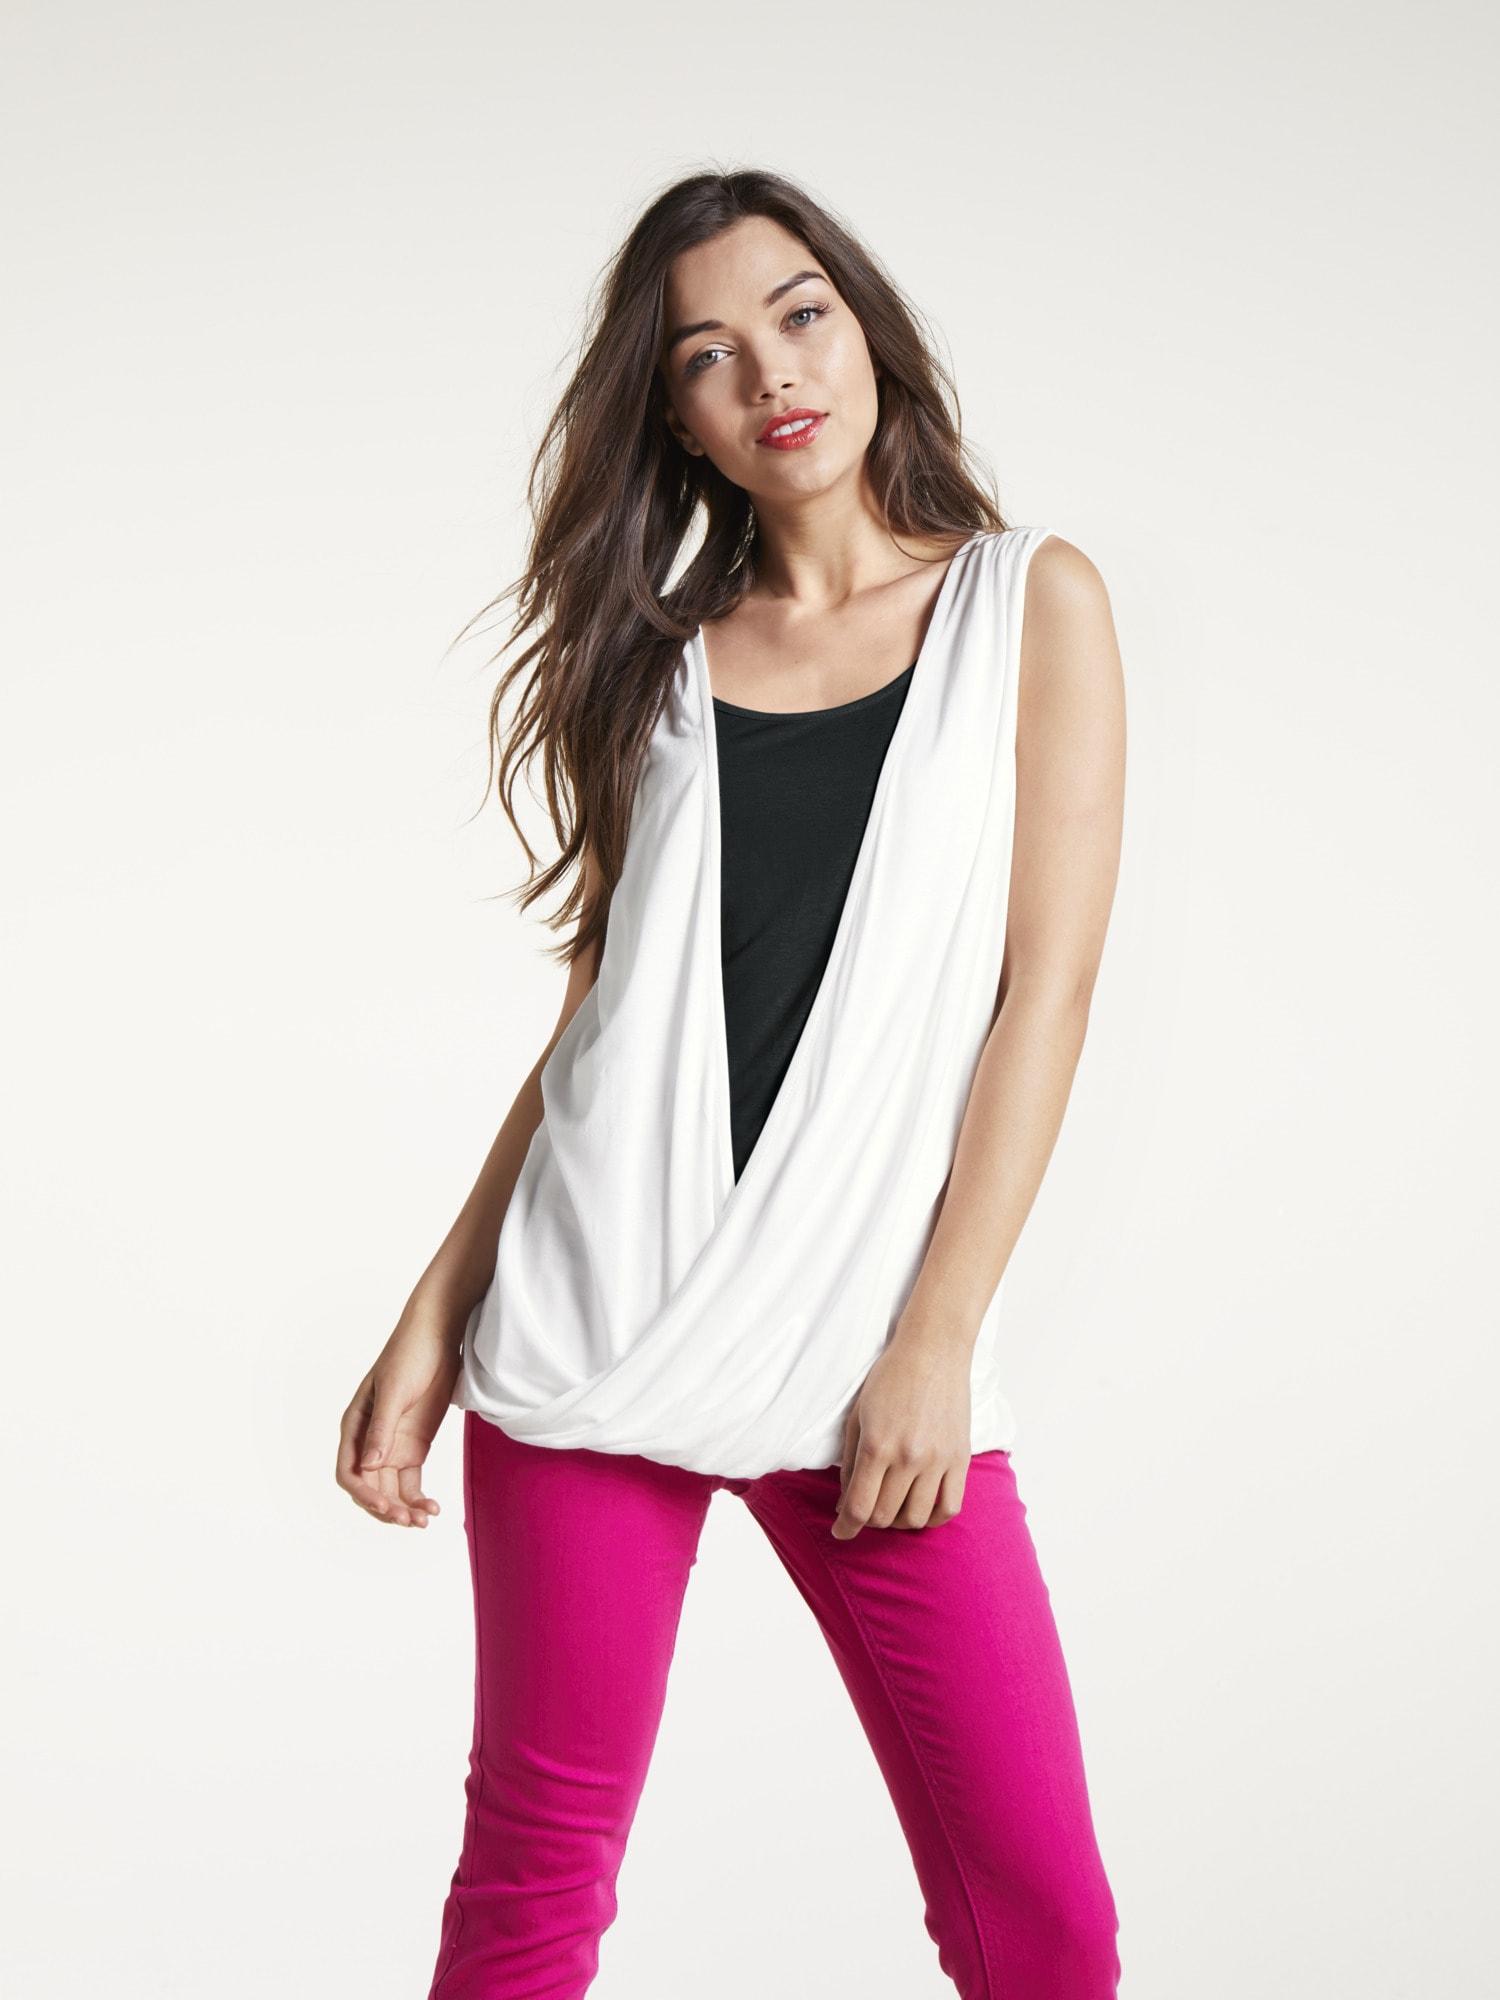 heine CASUAL Shirttop Two-in-One Optik   Bekleidung > Tops > 2-in-1-Tops   Weiß   Viskose   Heine Casual